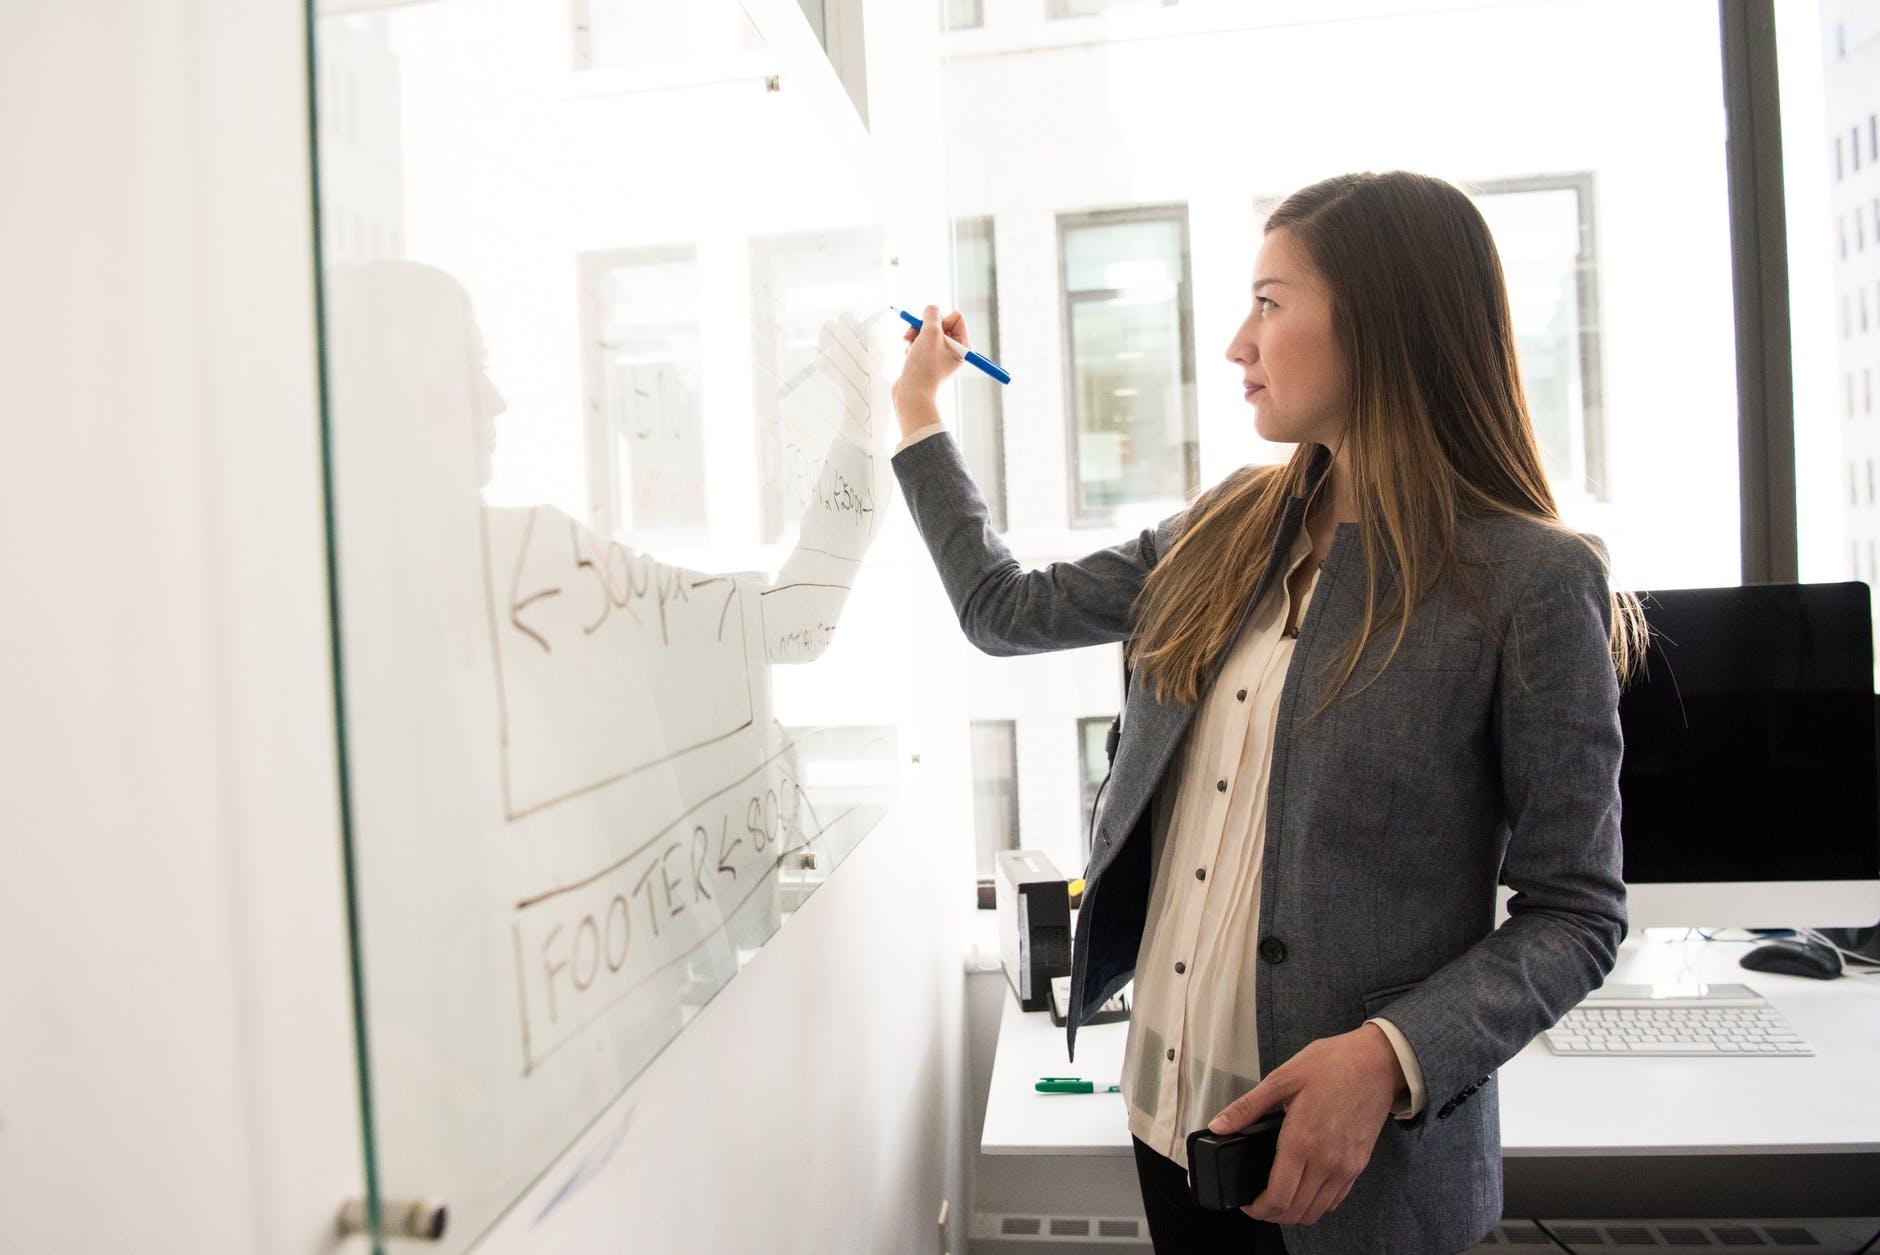 mulher jovem escrevendo em quadro branco.